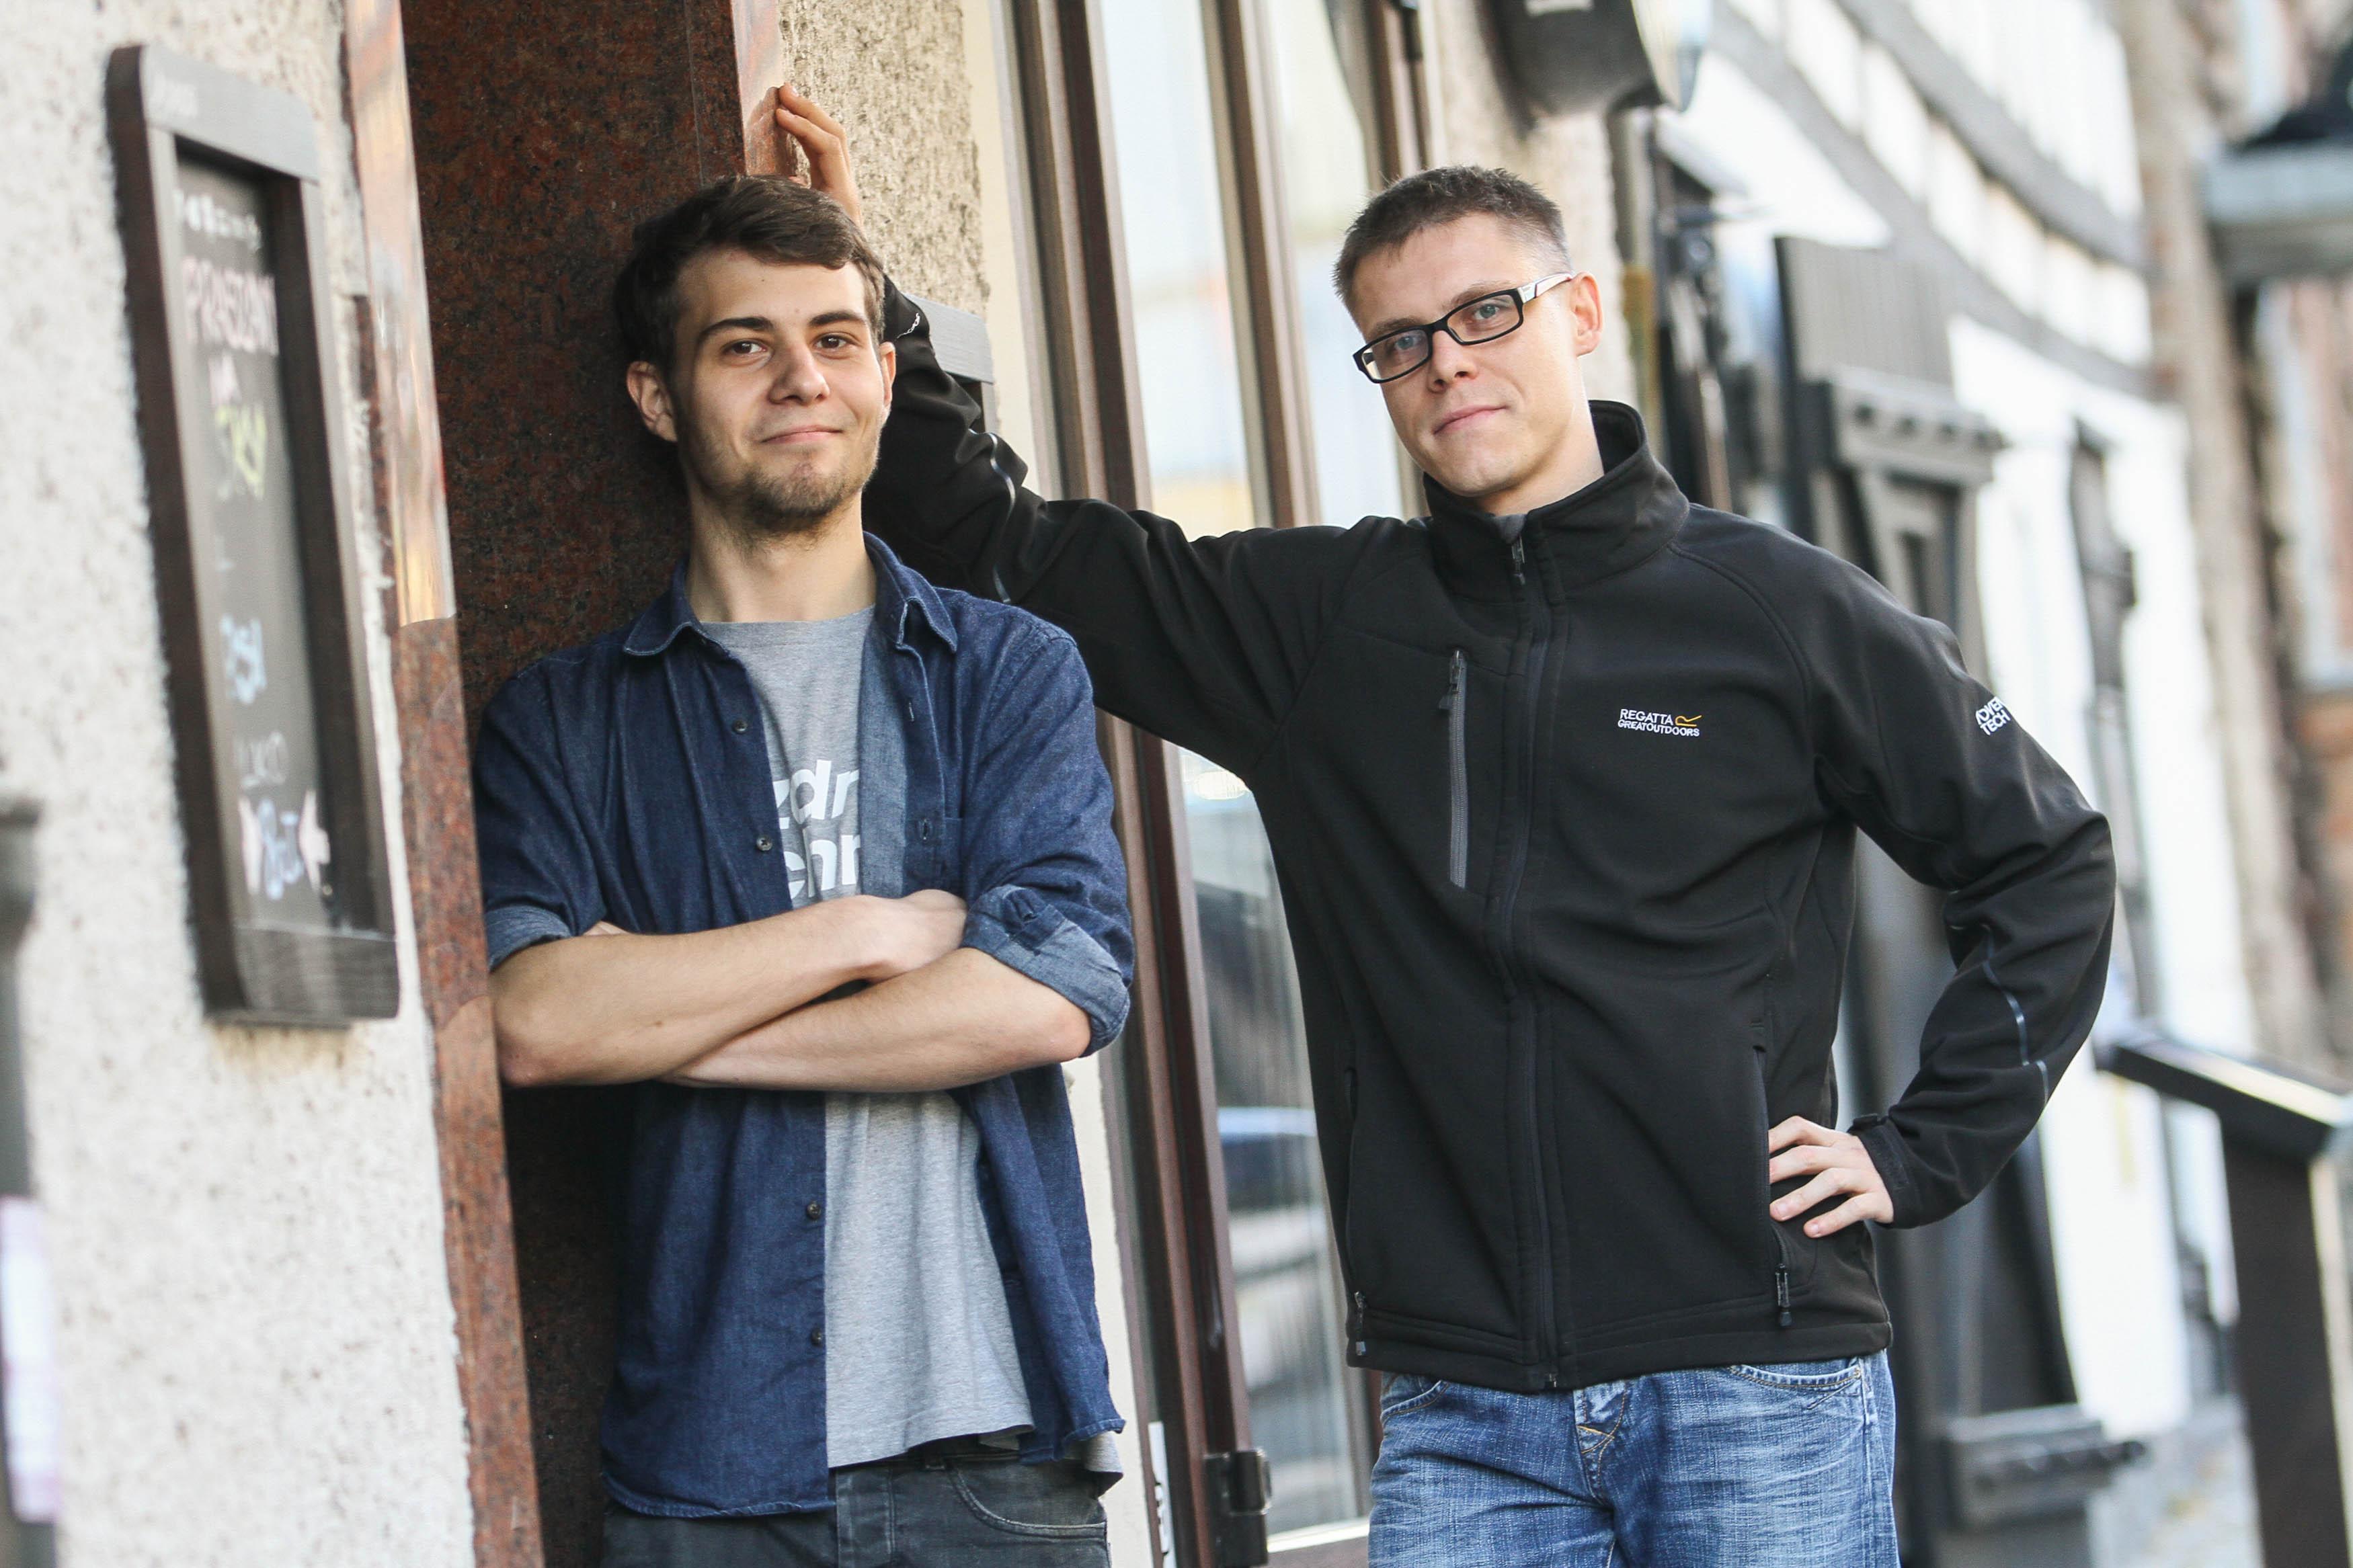 Od lewej: Natan Naguszewski, Łukasz Krasiński